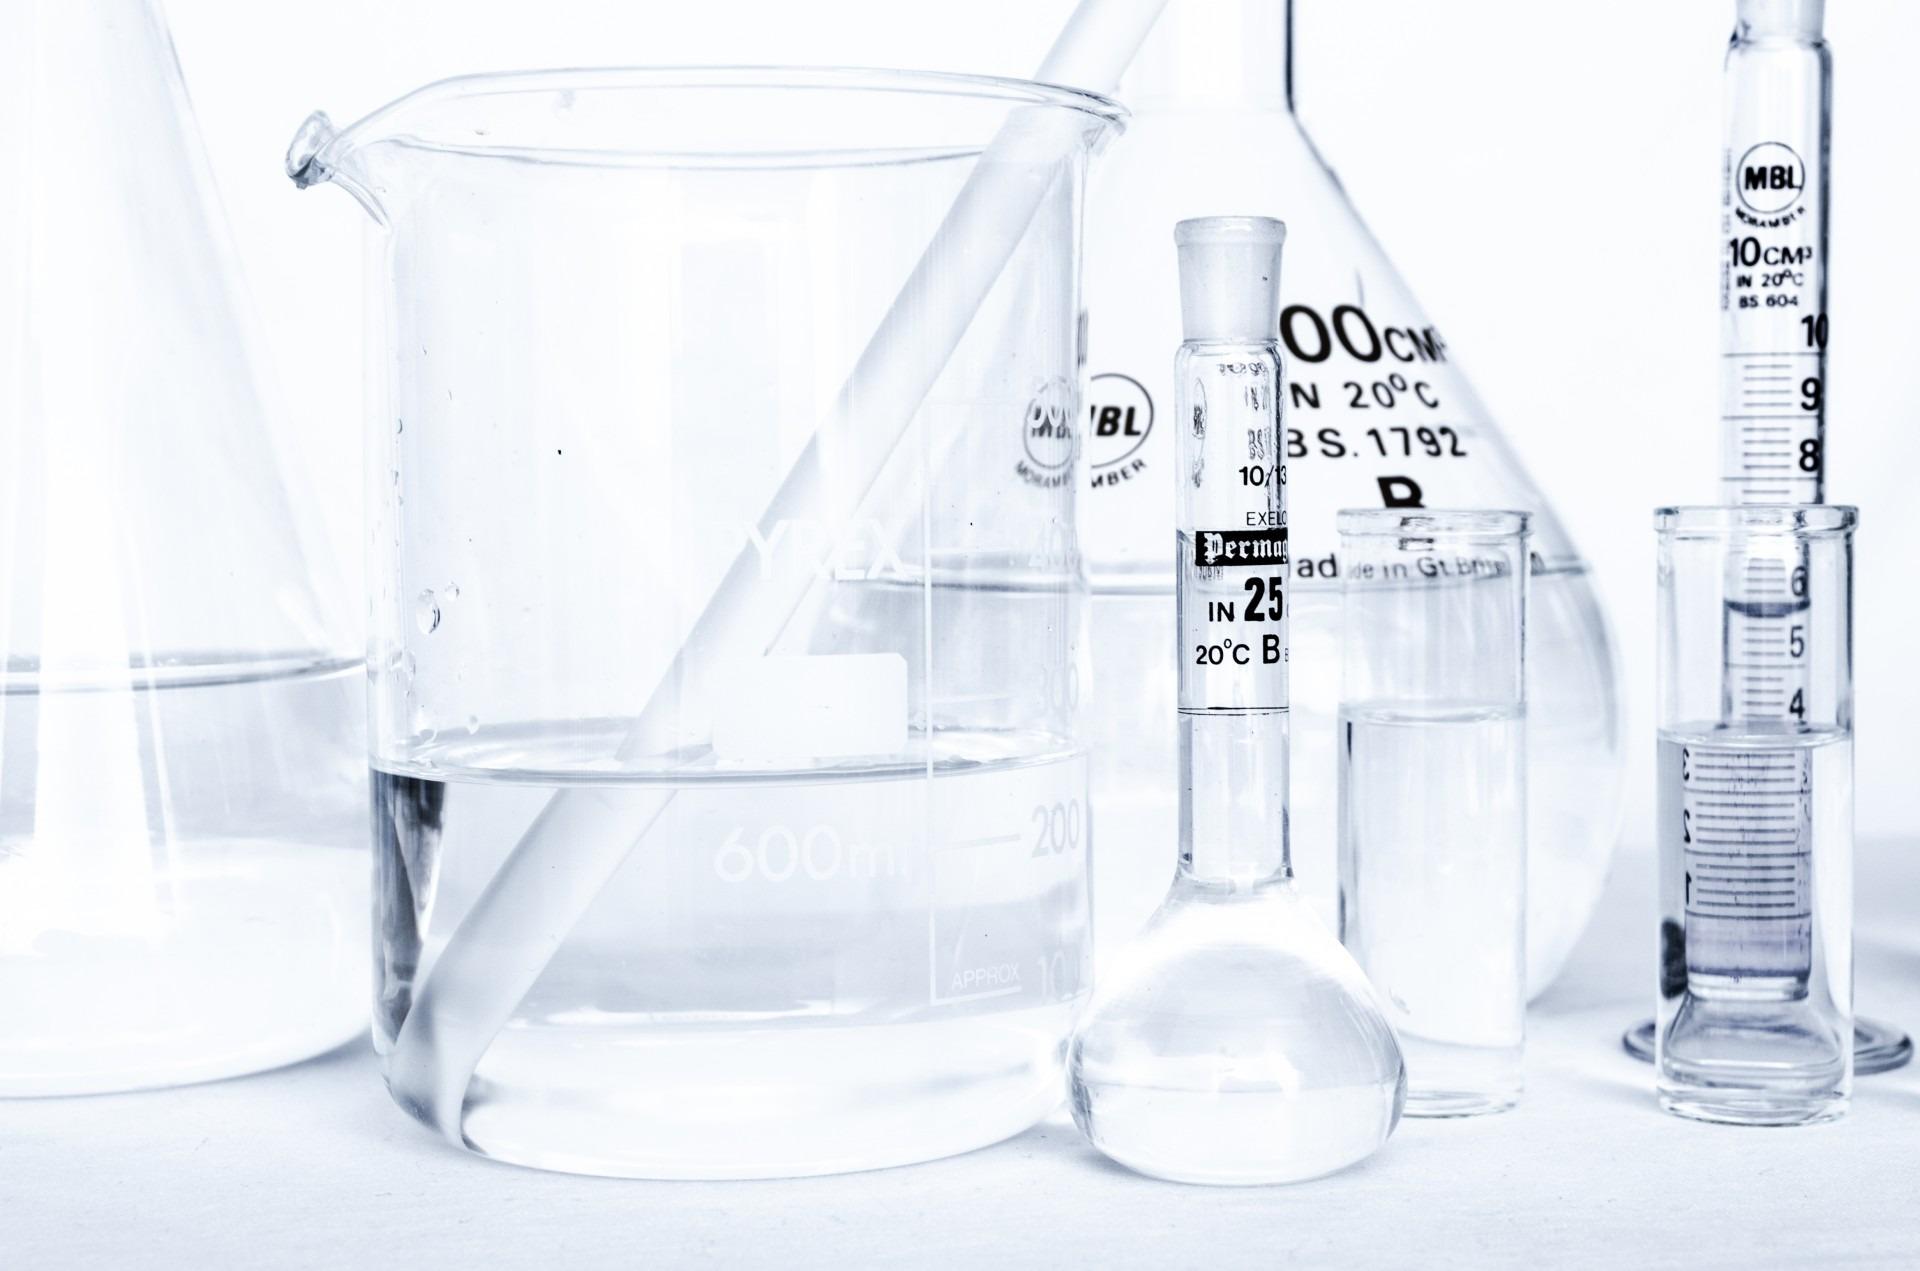 liquid-white-glass-bottle-research-glass-bottle-1005213-pxhere.com.jpg